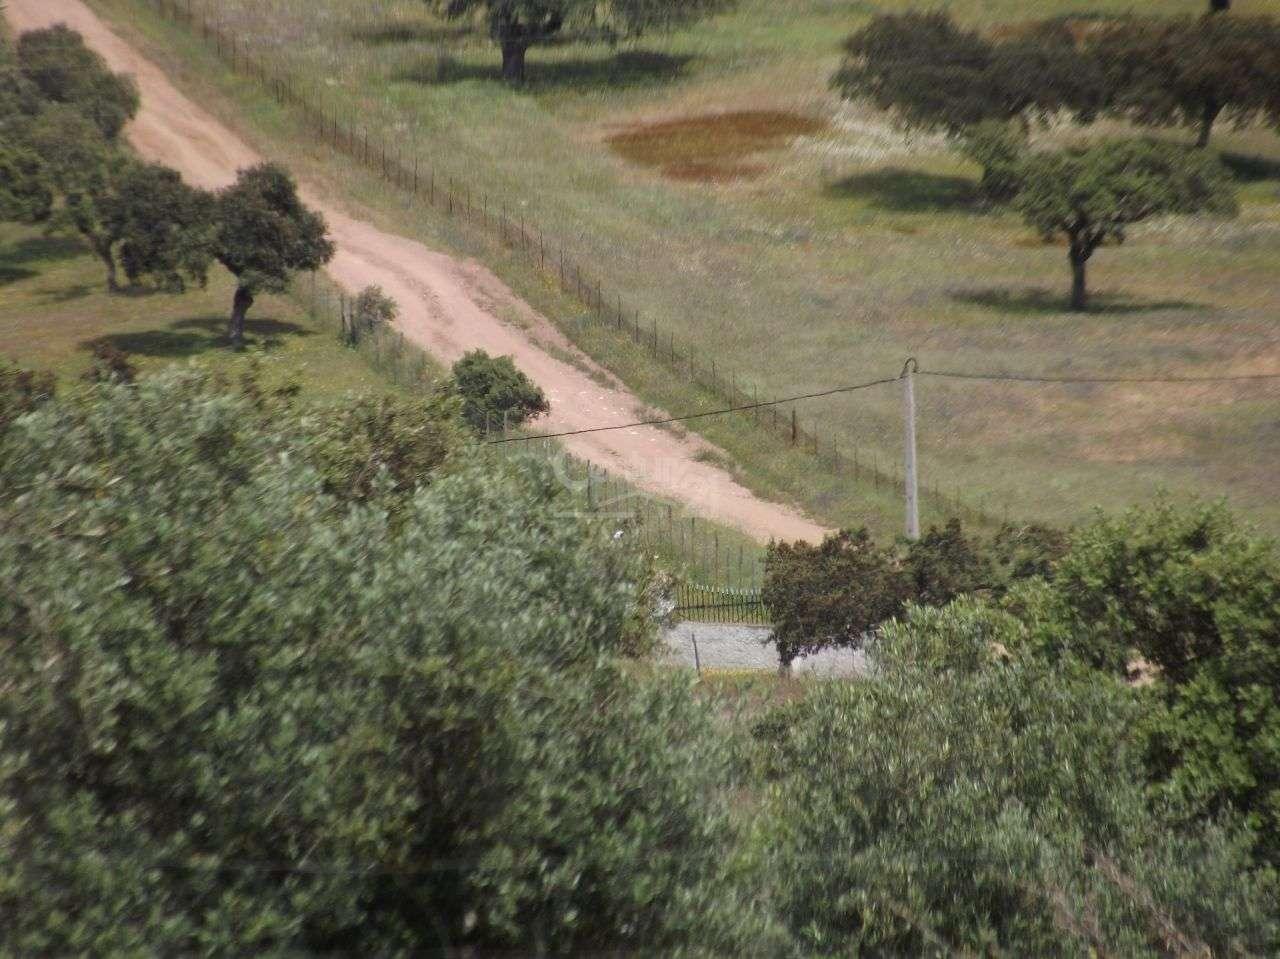 Quintas e herdades para comprar, Vila Nova de São Bento e Vale de Vargo, Serpa, Beja - Foto 3